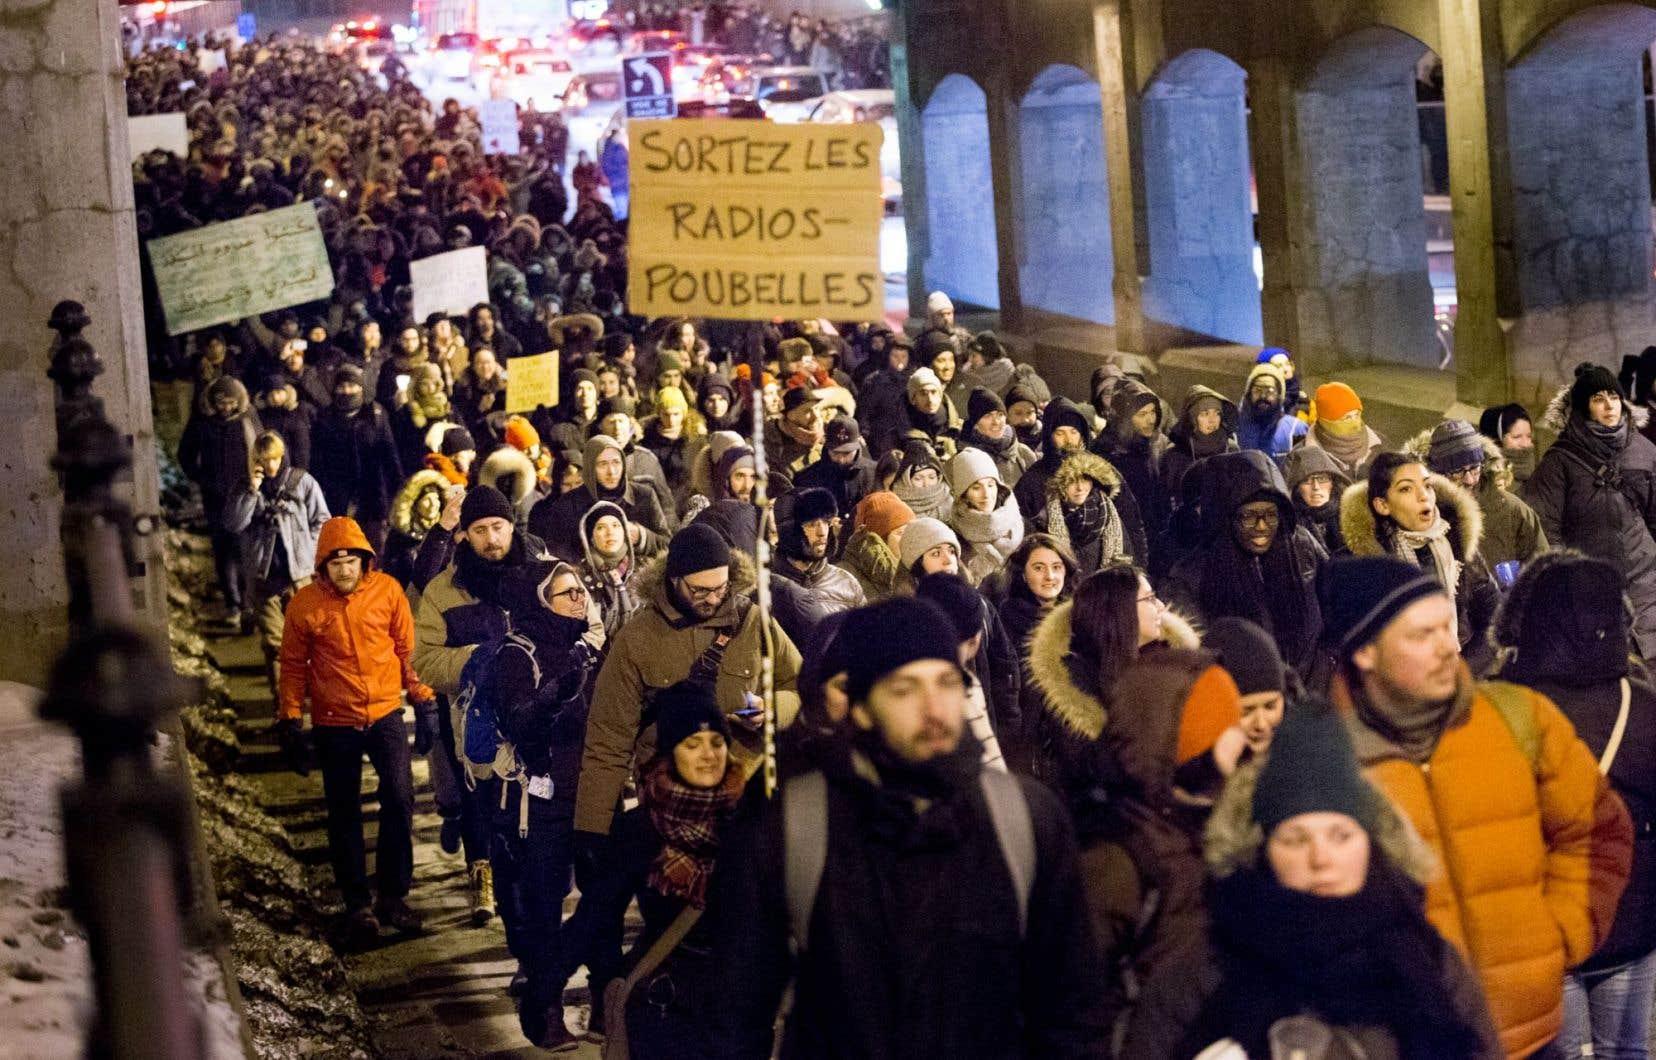 Mohamed Ali Saïdane, un membre de la communauté musulmane de Québec, a parlé d'une «ambiance sournoise» portée par les débats identitaires, par «certaines forces politiques» ainsi que par des médias privés, dont «les radios-poubelles», où des propos xénophobes seraient selon lui banalisés.